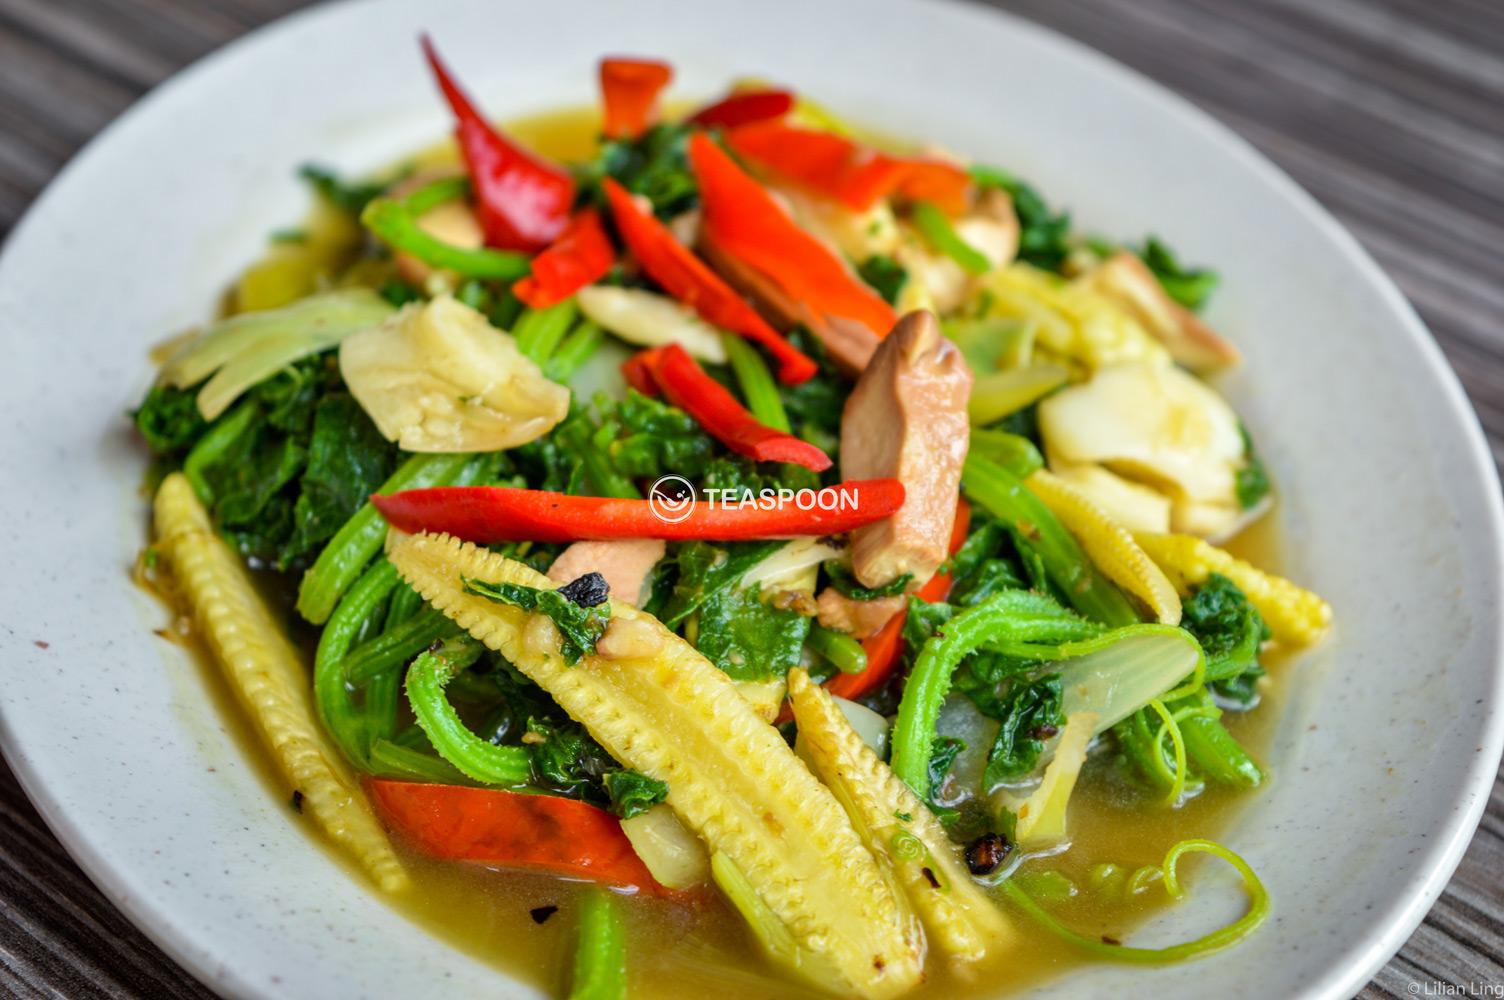 Cucumber Leaf Dayak Cuisine (2)